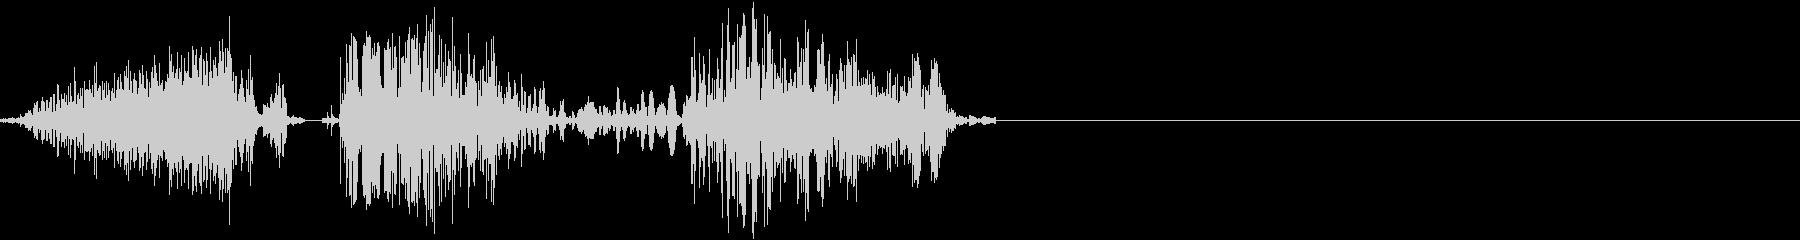 シュブシュッ(斬撃・ナイフ・小刀・太刀)の未再生の波形